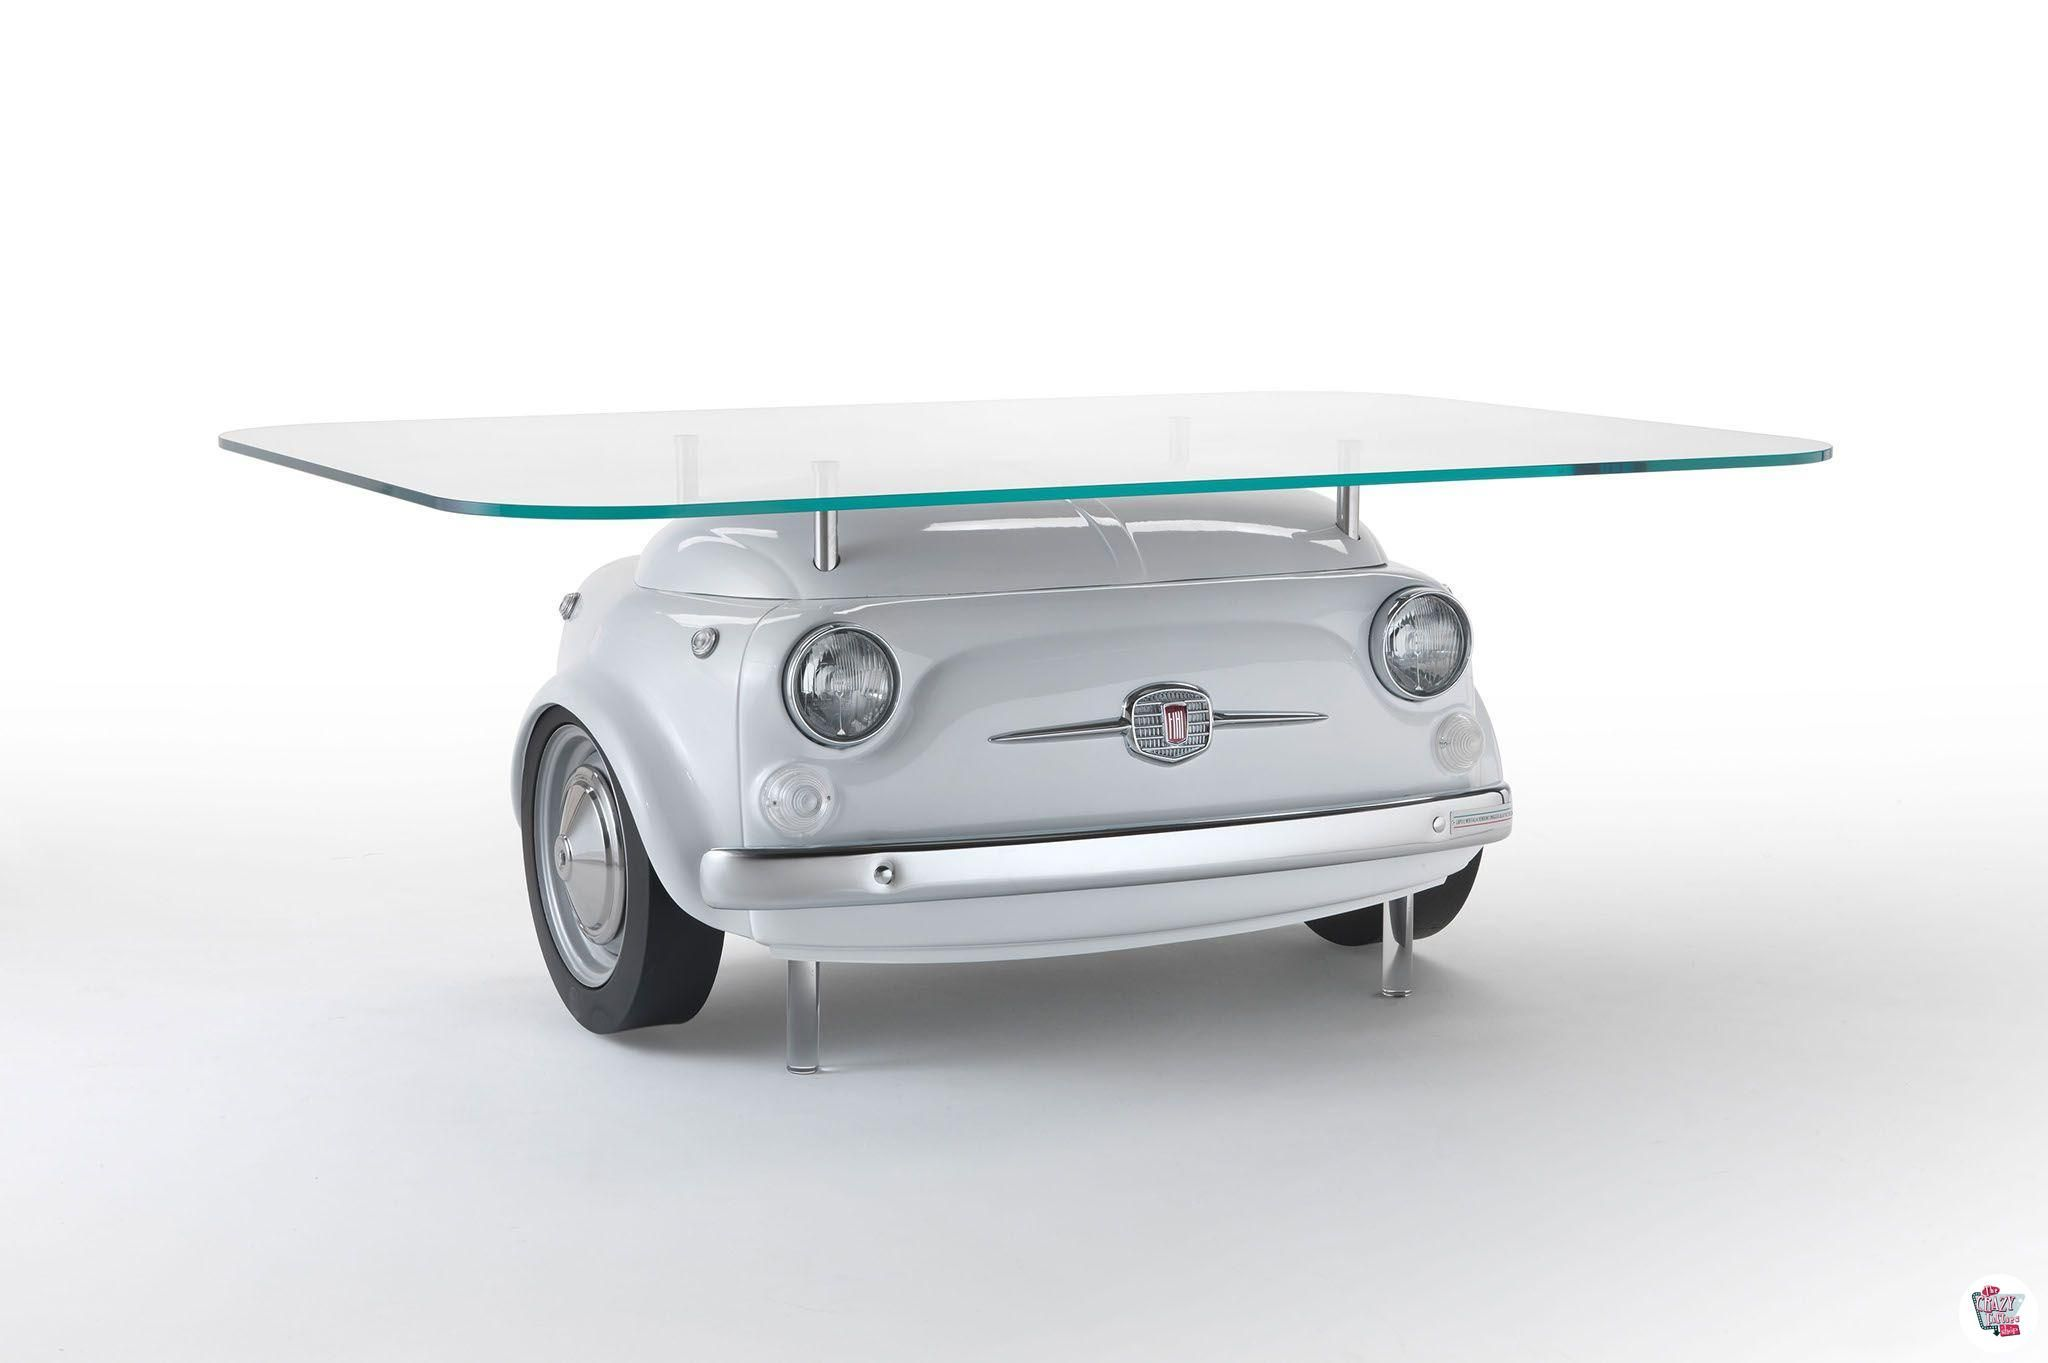 Mesa Fiat 500 Pic Nic